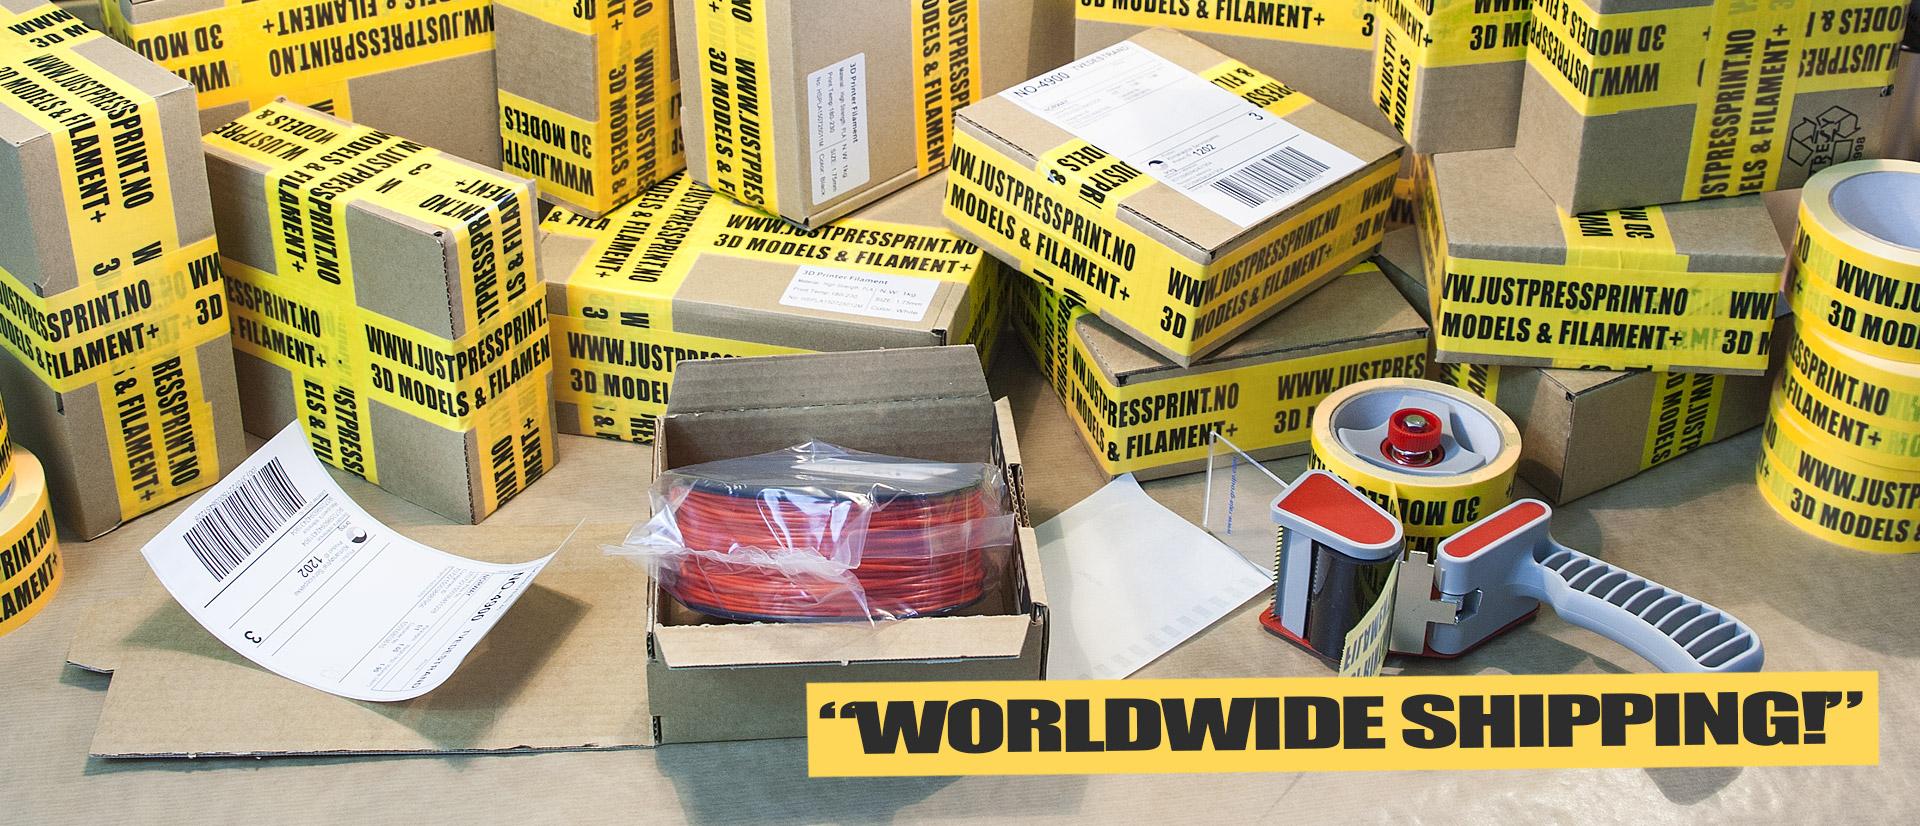 Justpressprint packaging worldwide filament shipping